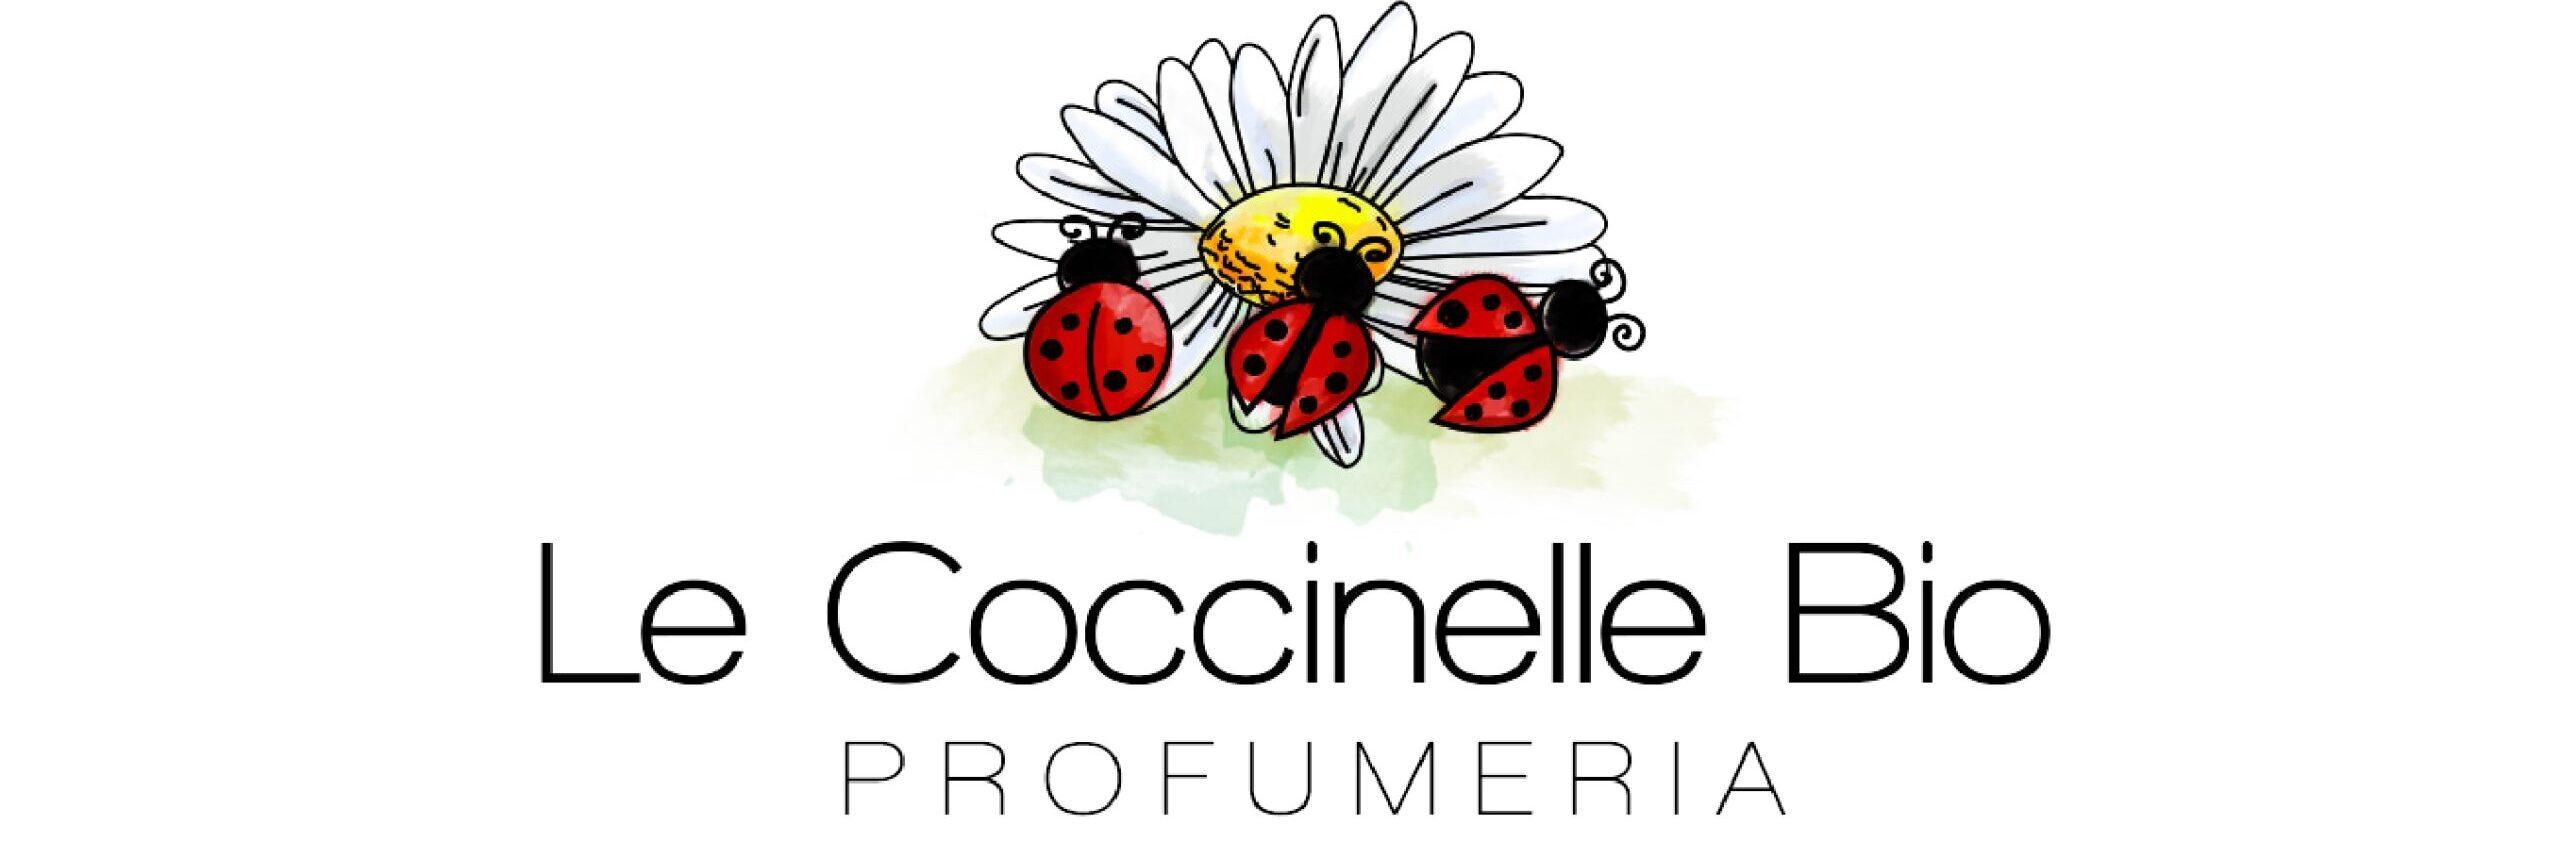 lecoccinellebioprofumeria